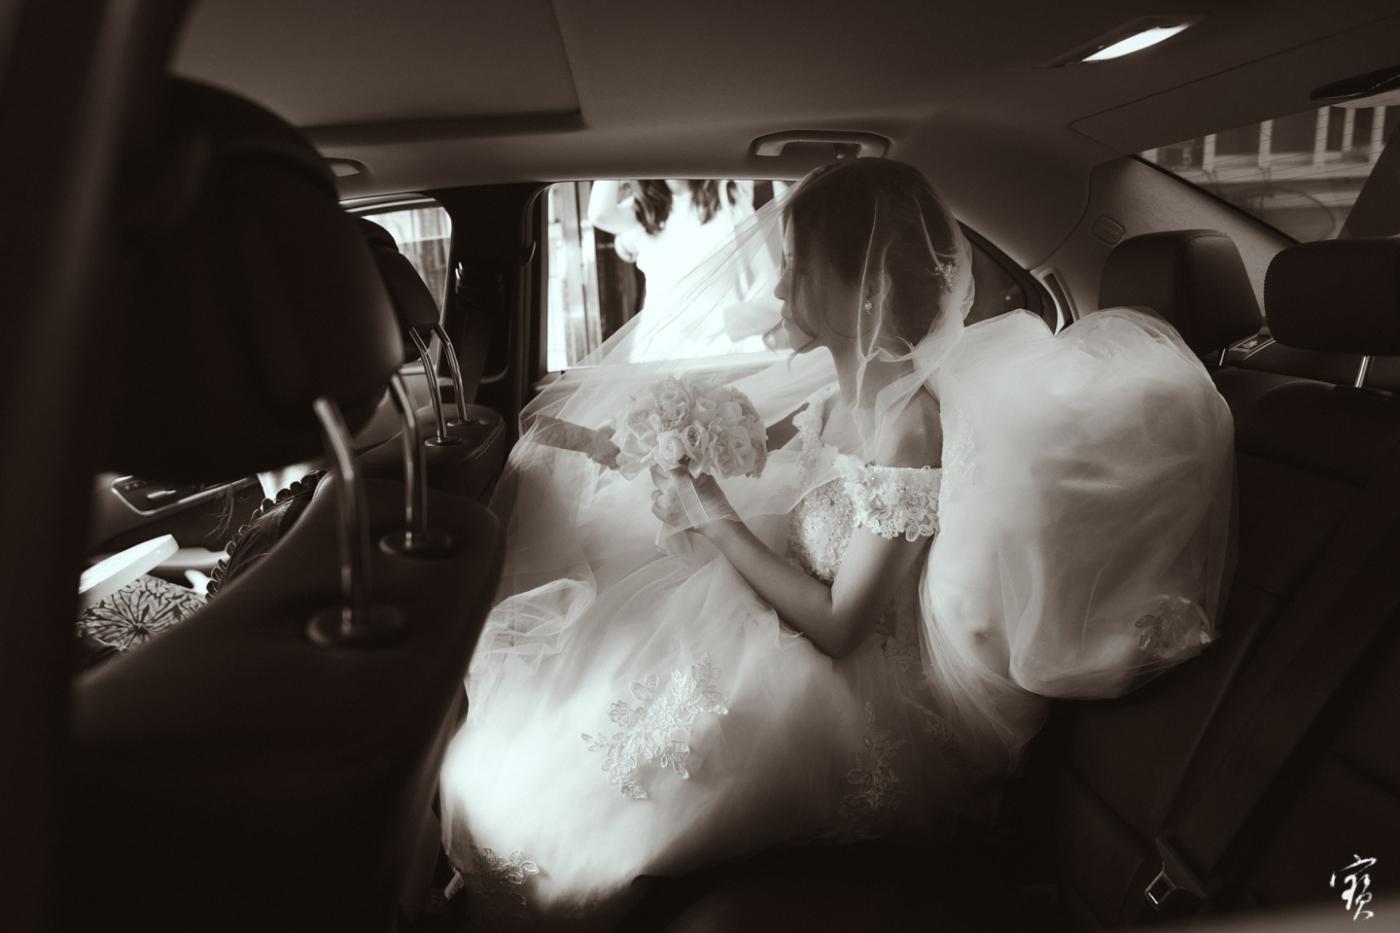 婚禮攝影 新竹彭園 冬伴影像 攝影師大寶 婚紗攝影 新娘新郎 早儀午宴20181125-112